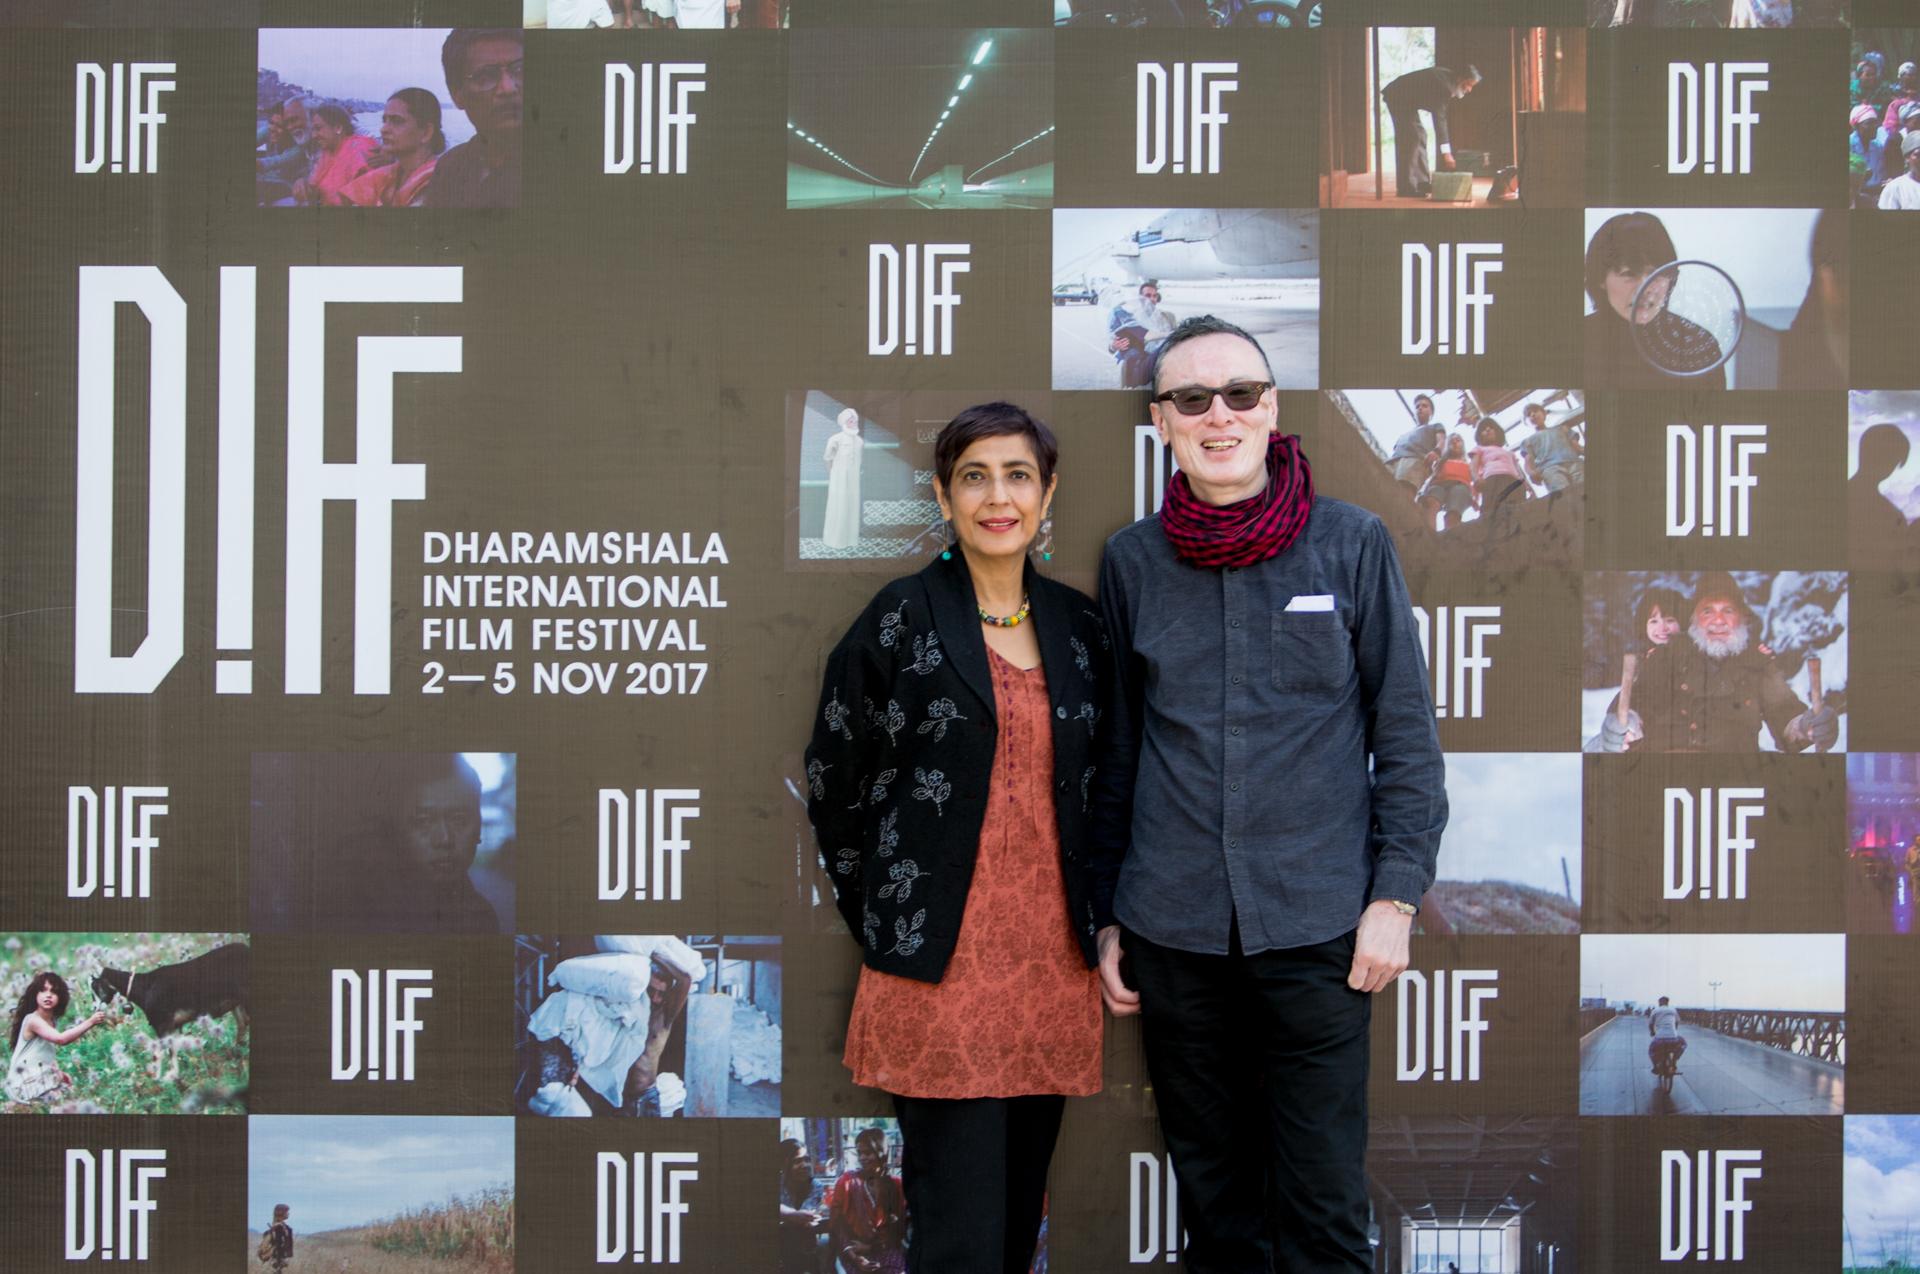 Ritu & Tenzing at DIFF 2017